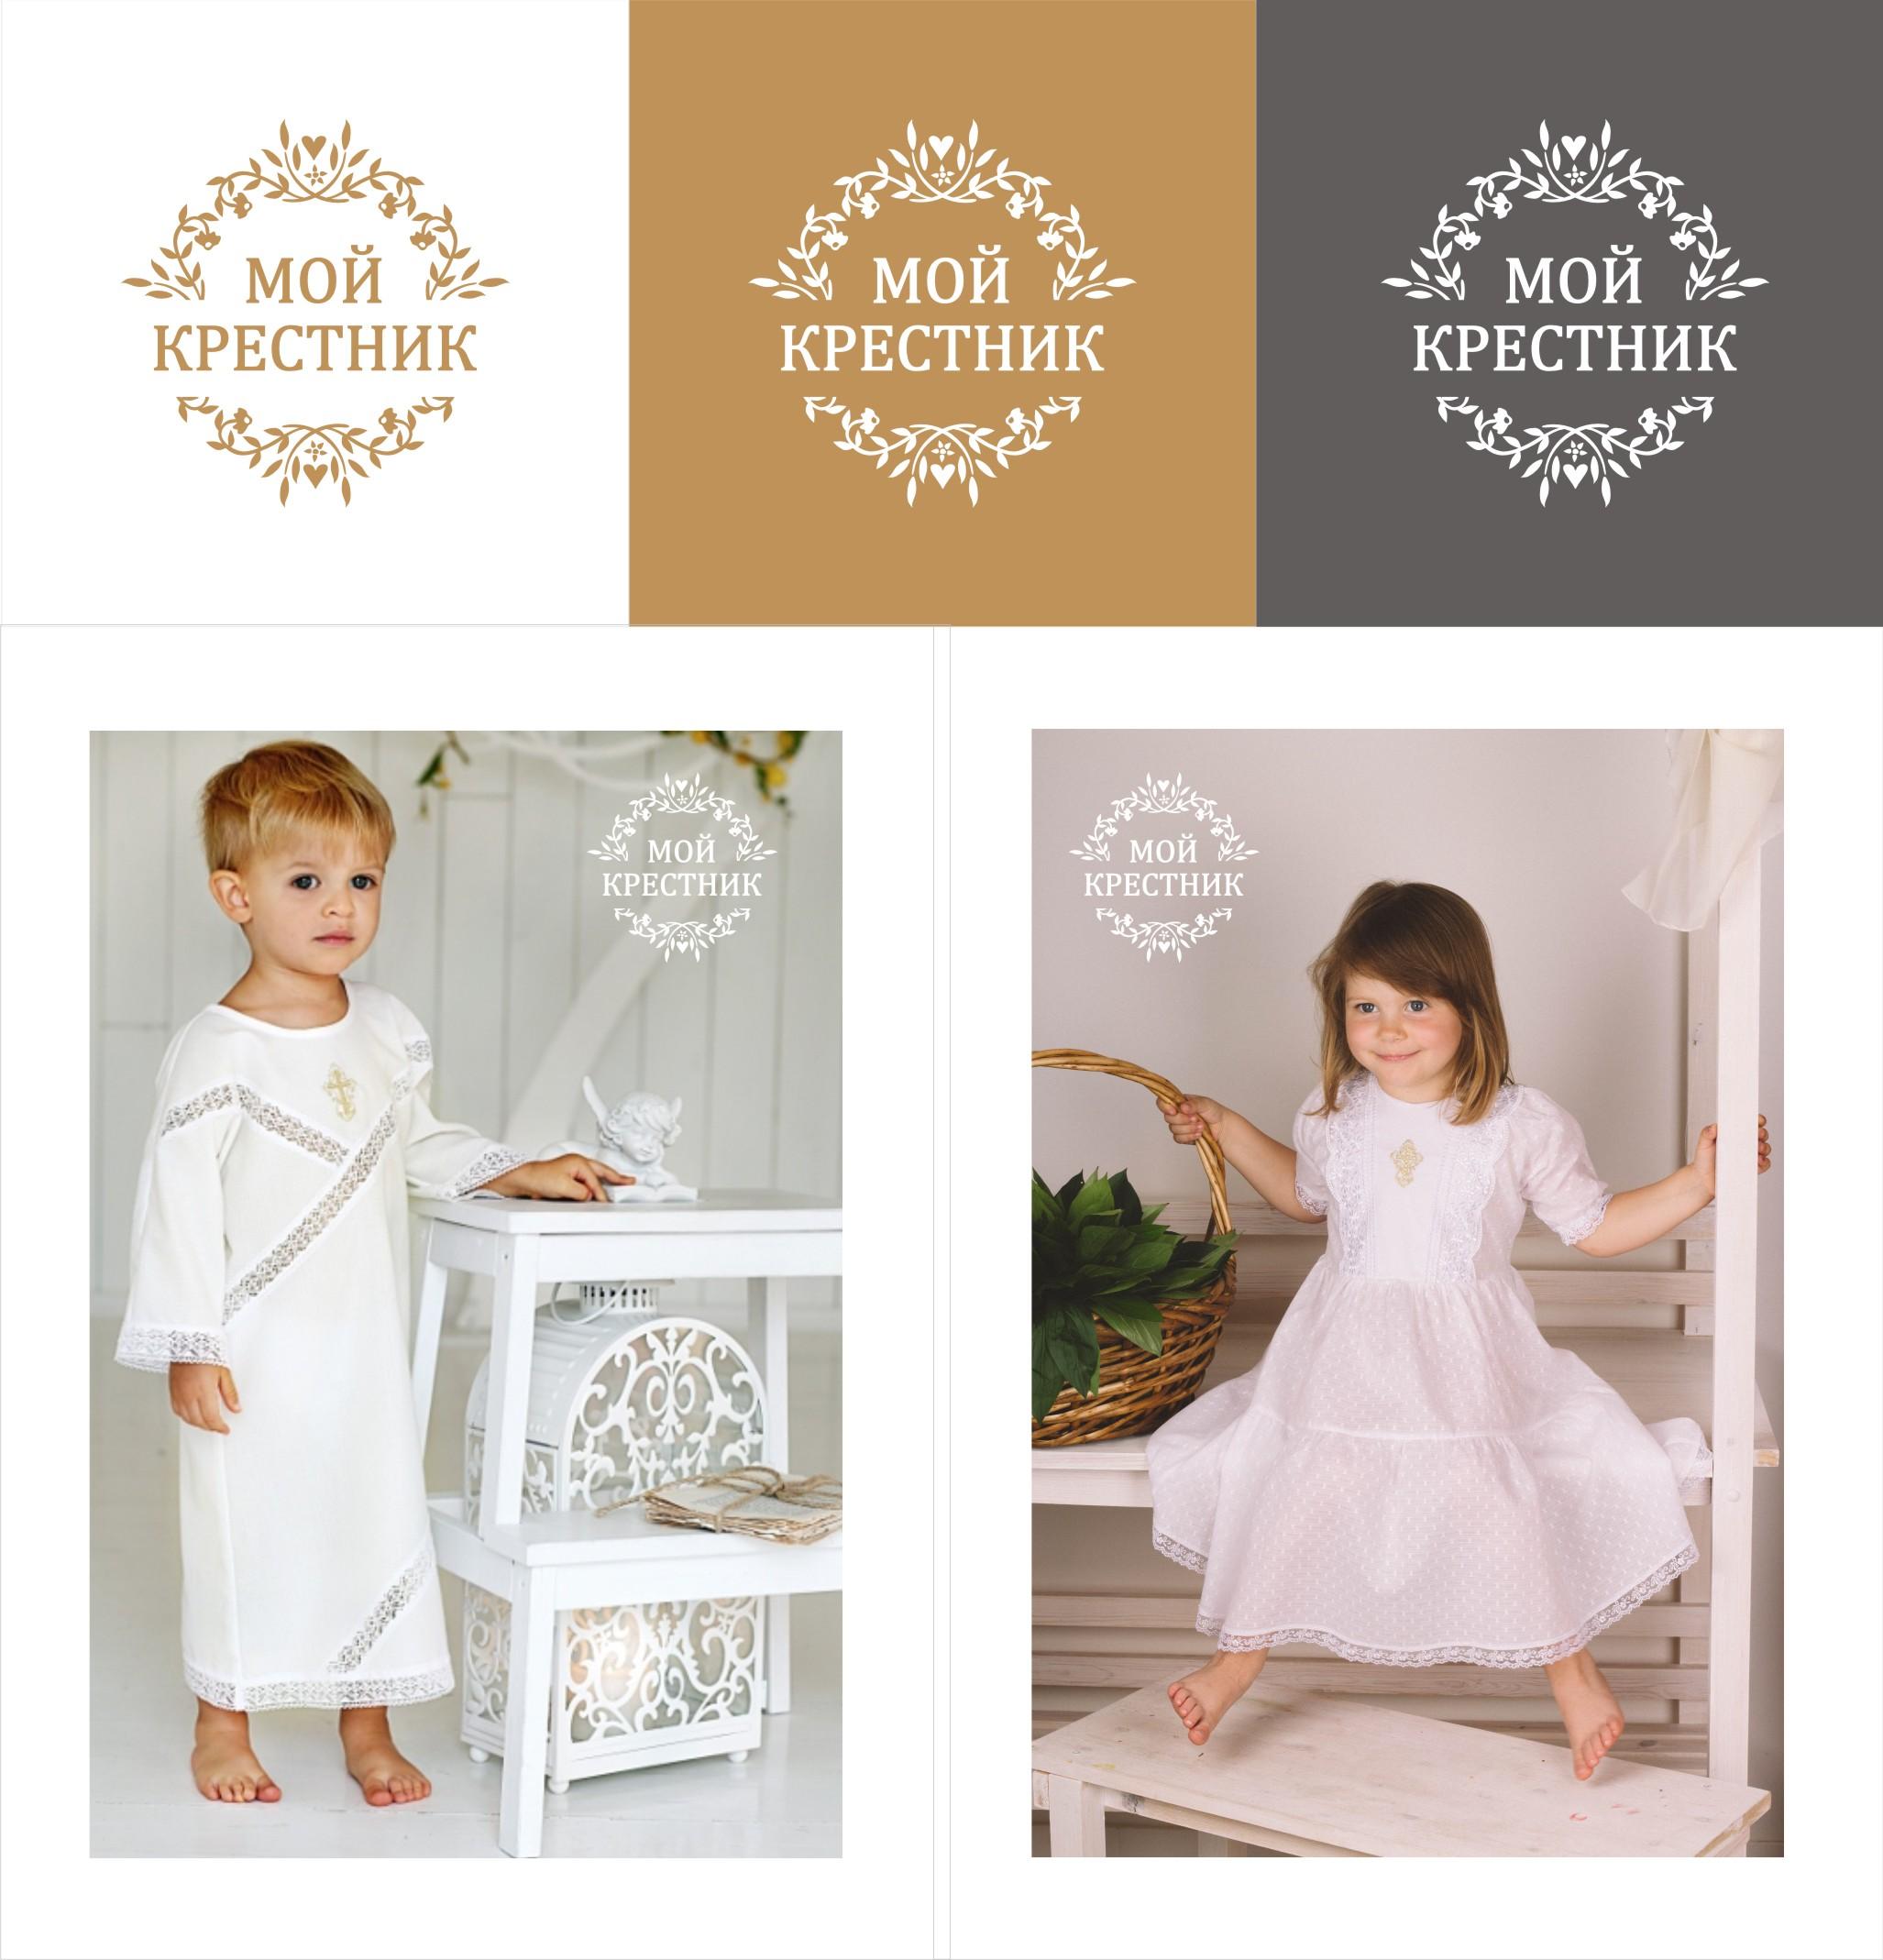 Логотип для крестильной одежды(детской). фото f_7655d4c3811e5619.jpg